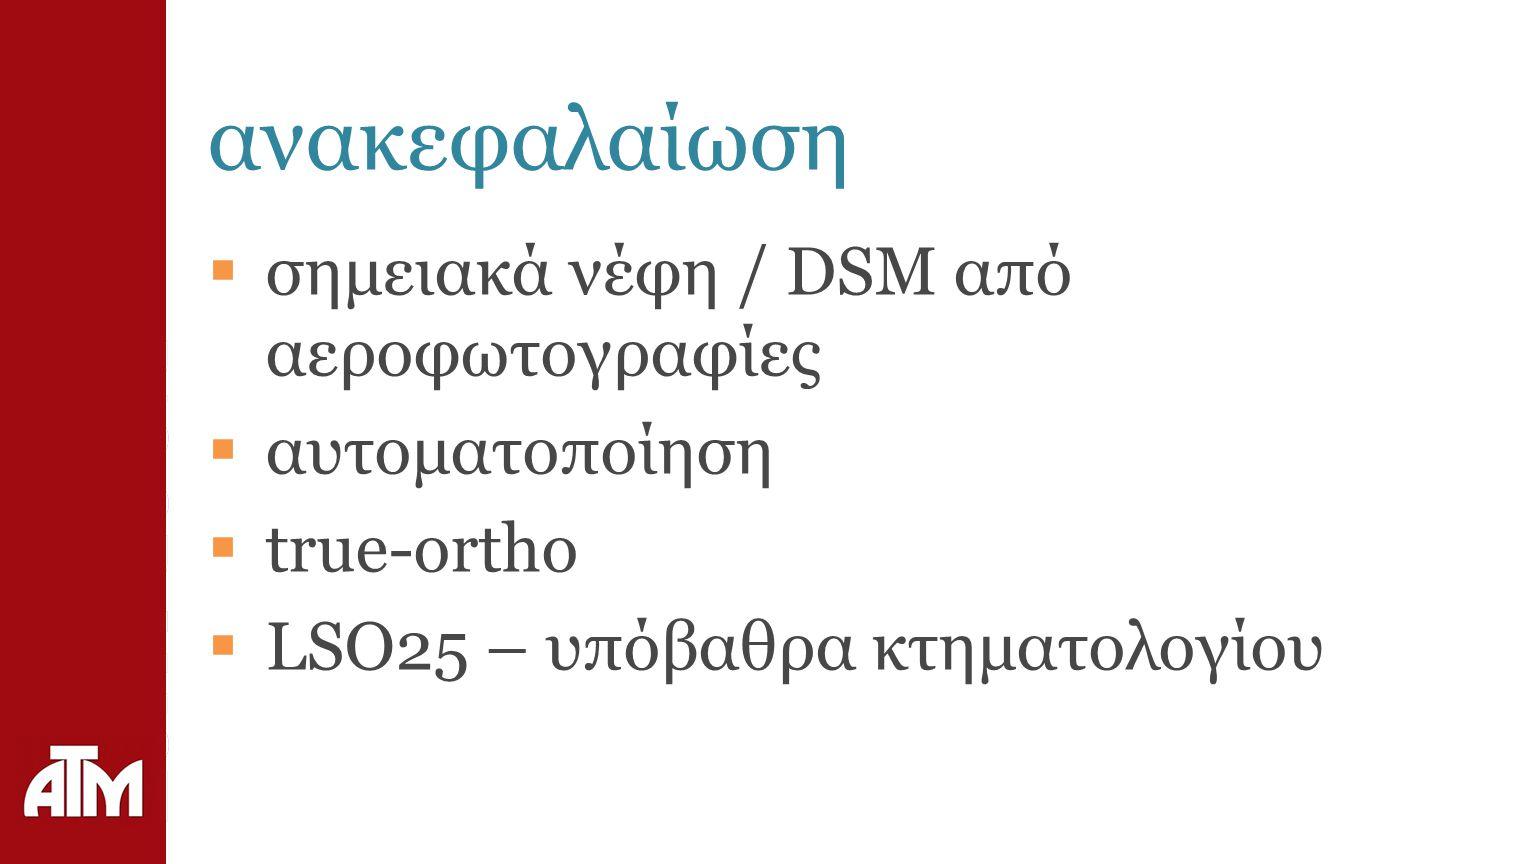 ανακεφαλαίωση  σημειακά νέφη / DSM από αεροφωτογραφίες  αυτοματοποίηση  true-ortho  LSO25 – υπόβαθρα κτηματολογίου